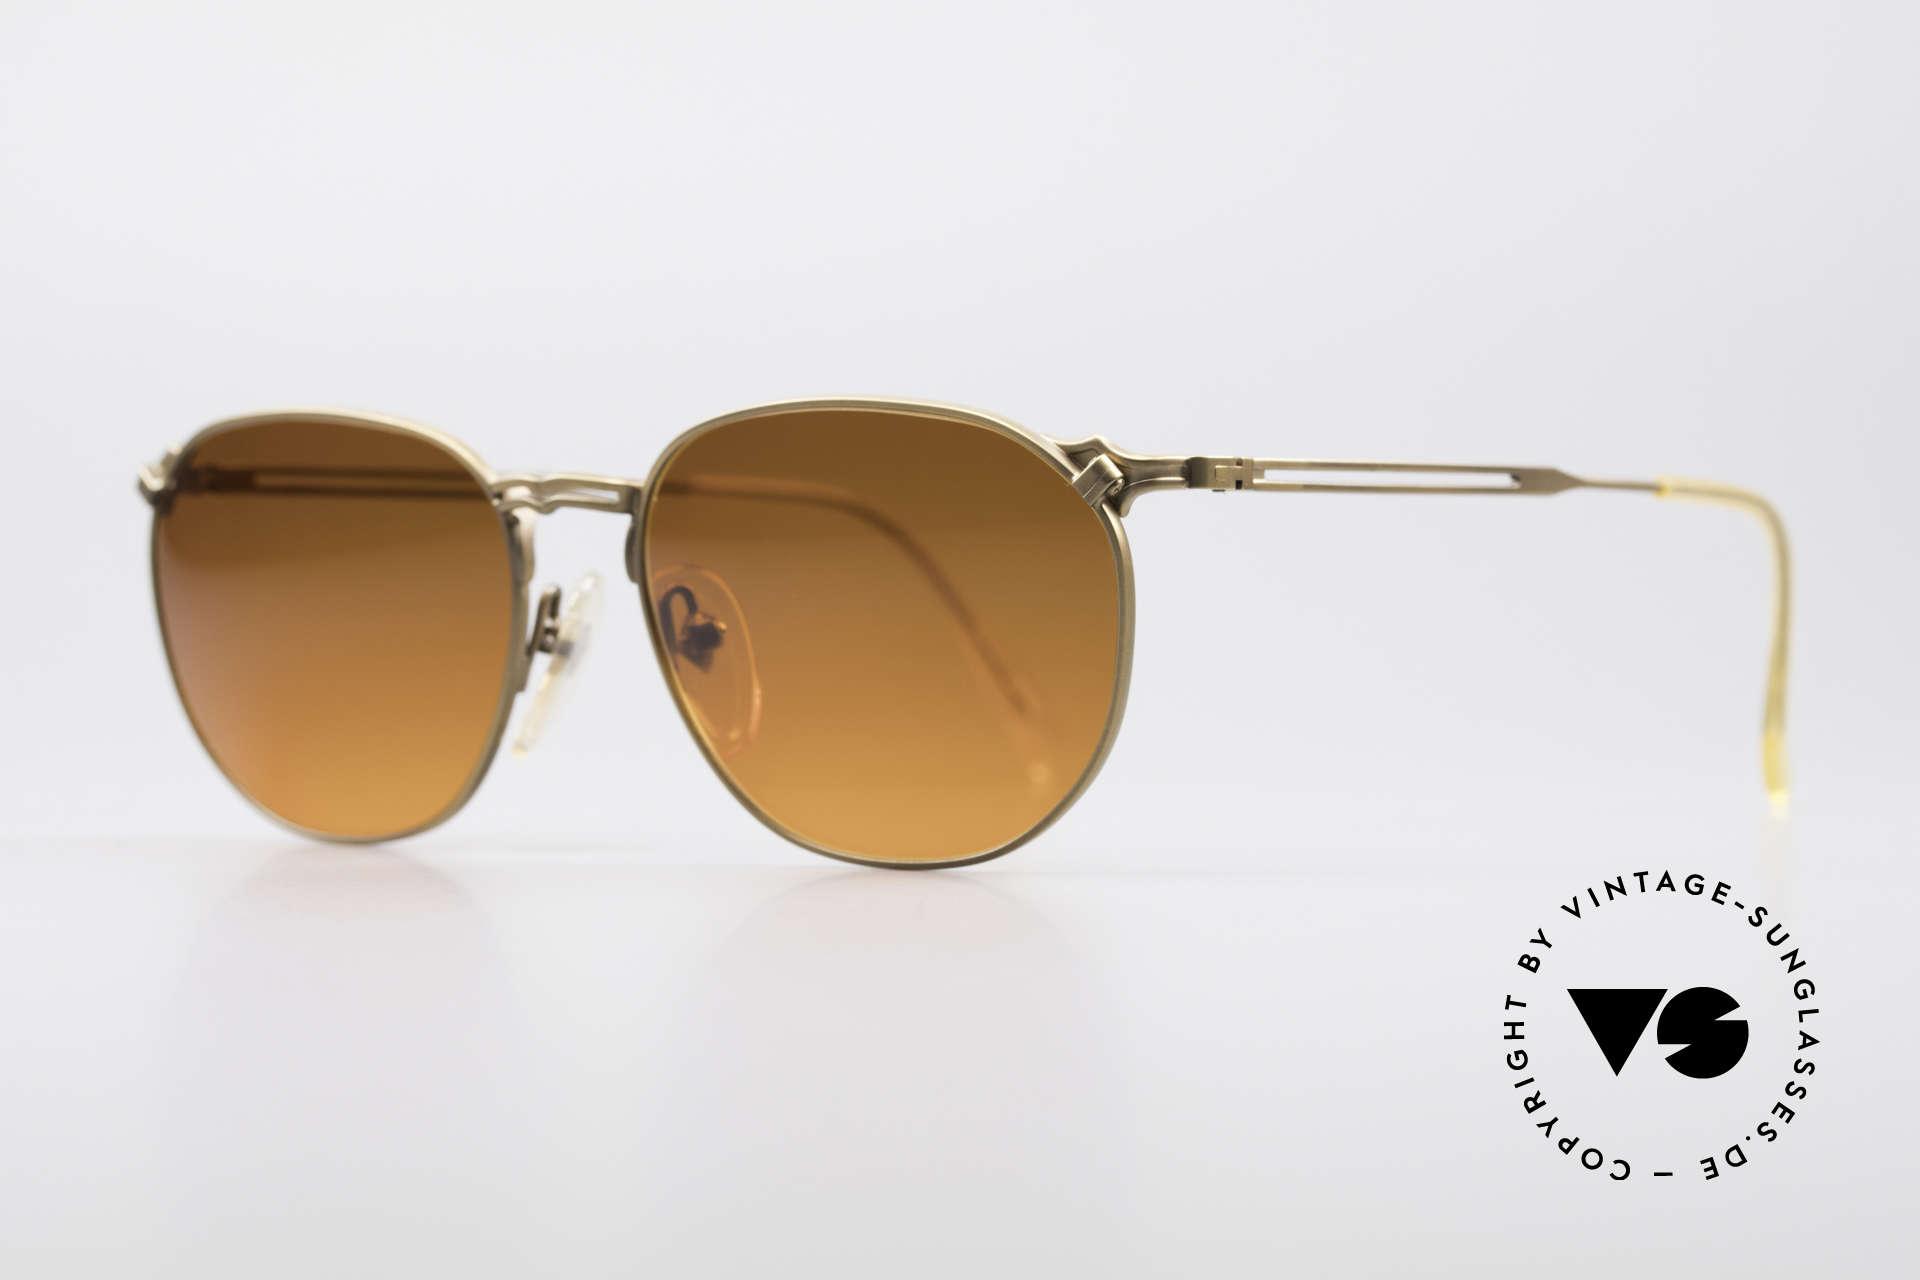 Jean Paul Gaultier 55-2173 90er Designer Sonnenbrille, toller Farbverlauf wie ein Sonnenuntergang / Abendrot, Passend für Herren und Damen